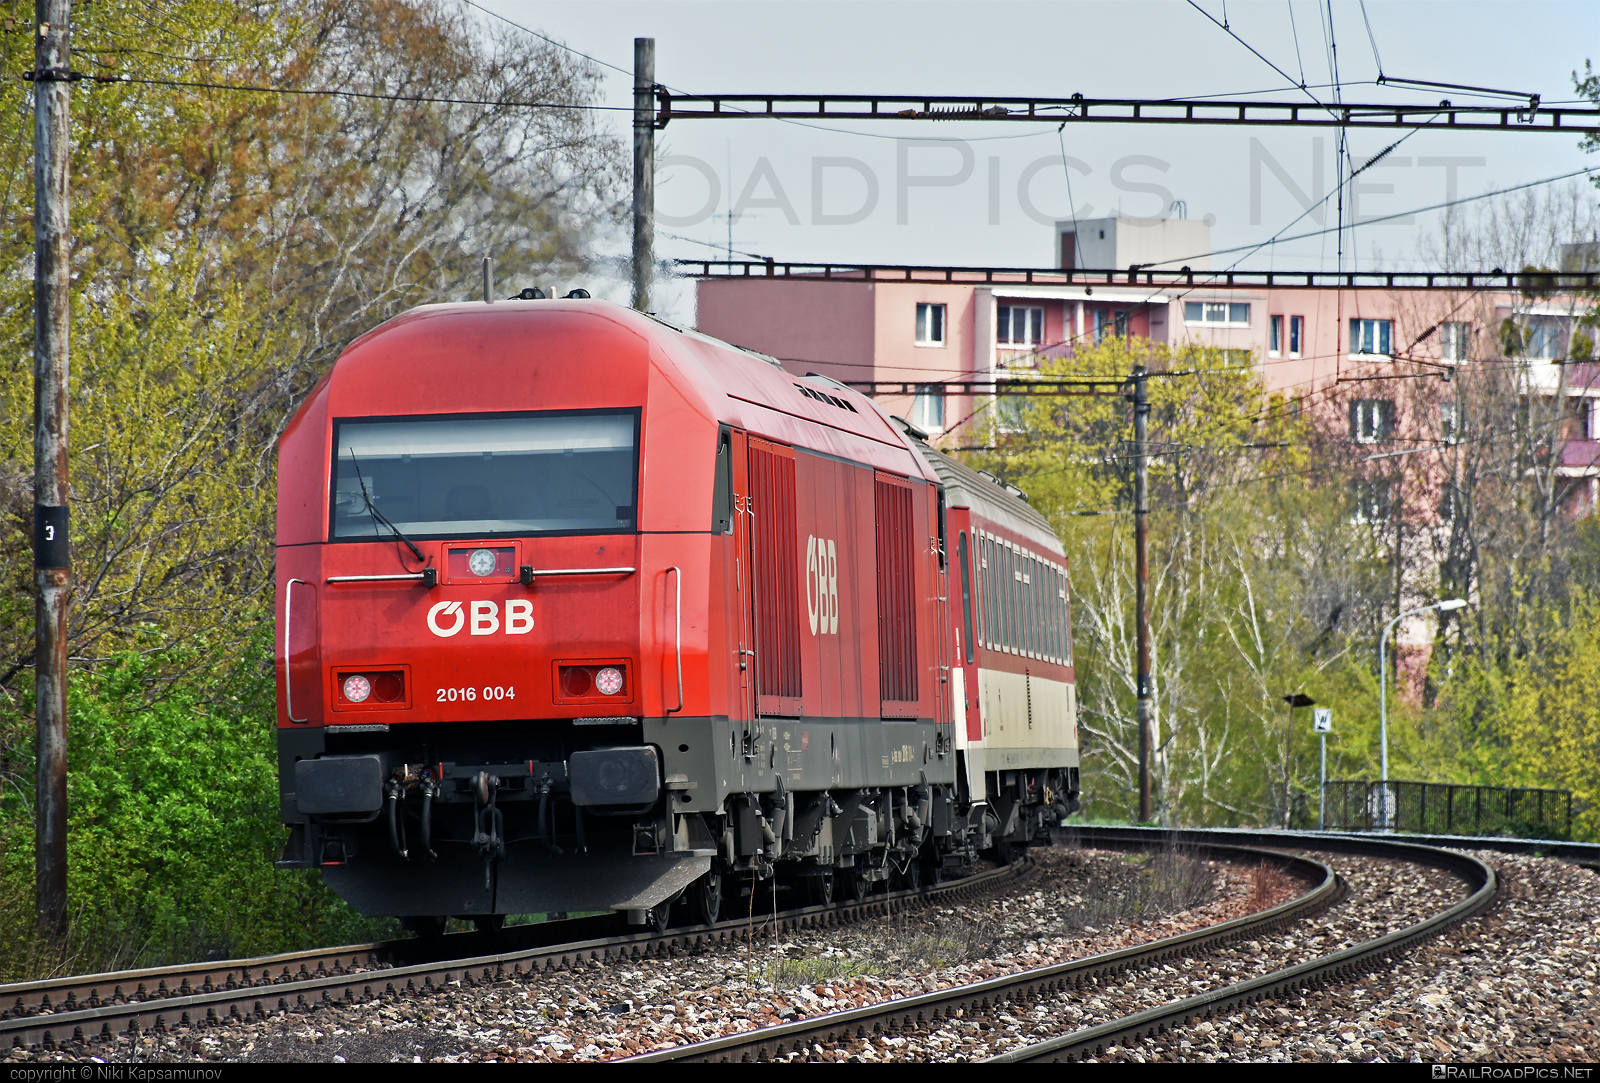 Siemens ER20 - 2016 004 operated by Österreichische Bundesbahnen #er20 #er20hercules #eurorunner #hercules #obb #osterreichischebundesbahnen #siemens #siemenser20 #siemenser20hercules #siemenseurorunner #siemenshercules